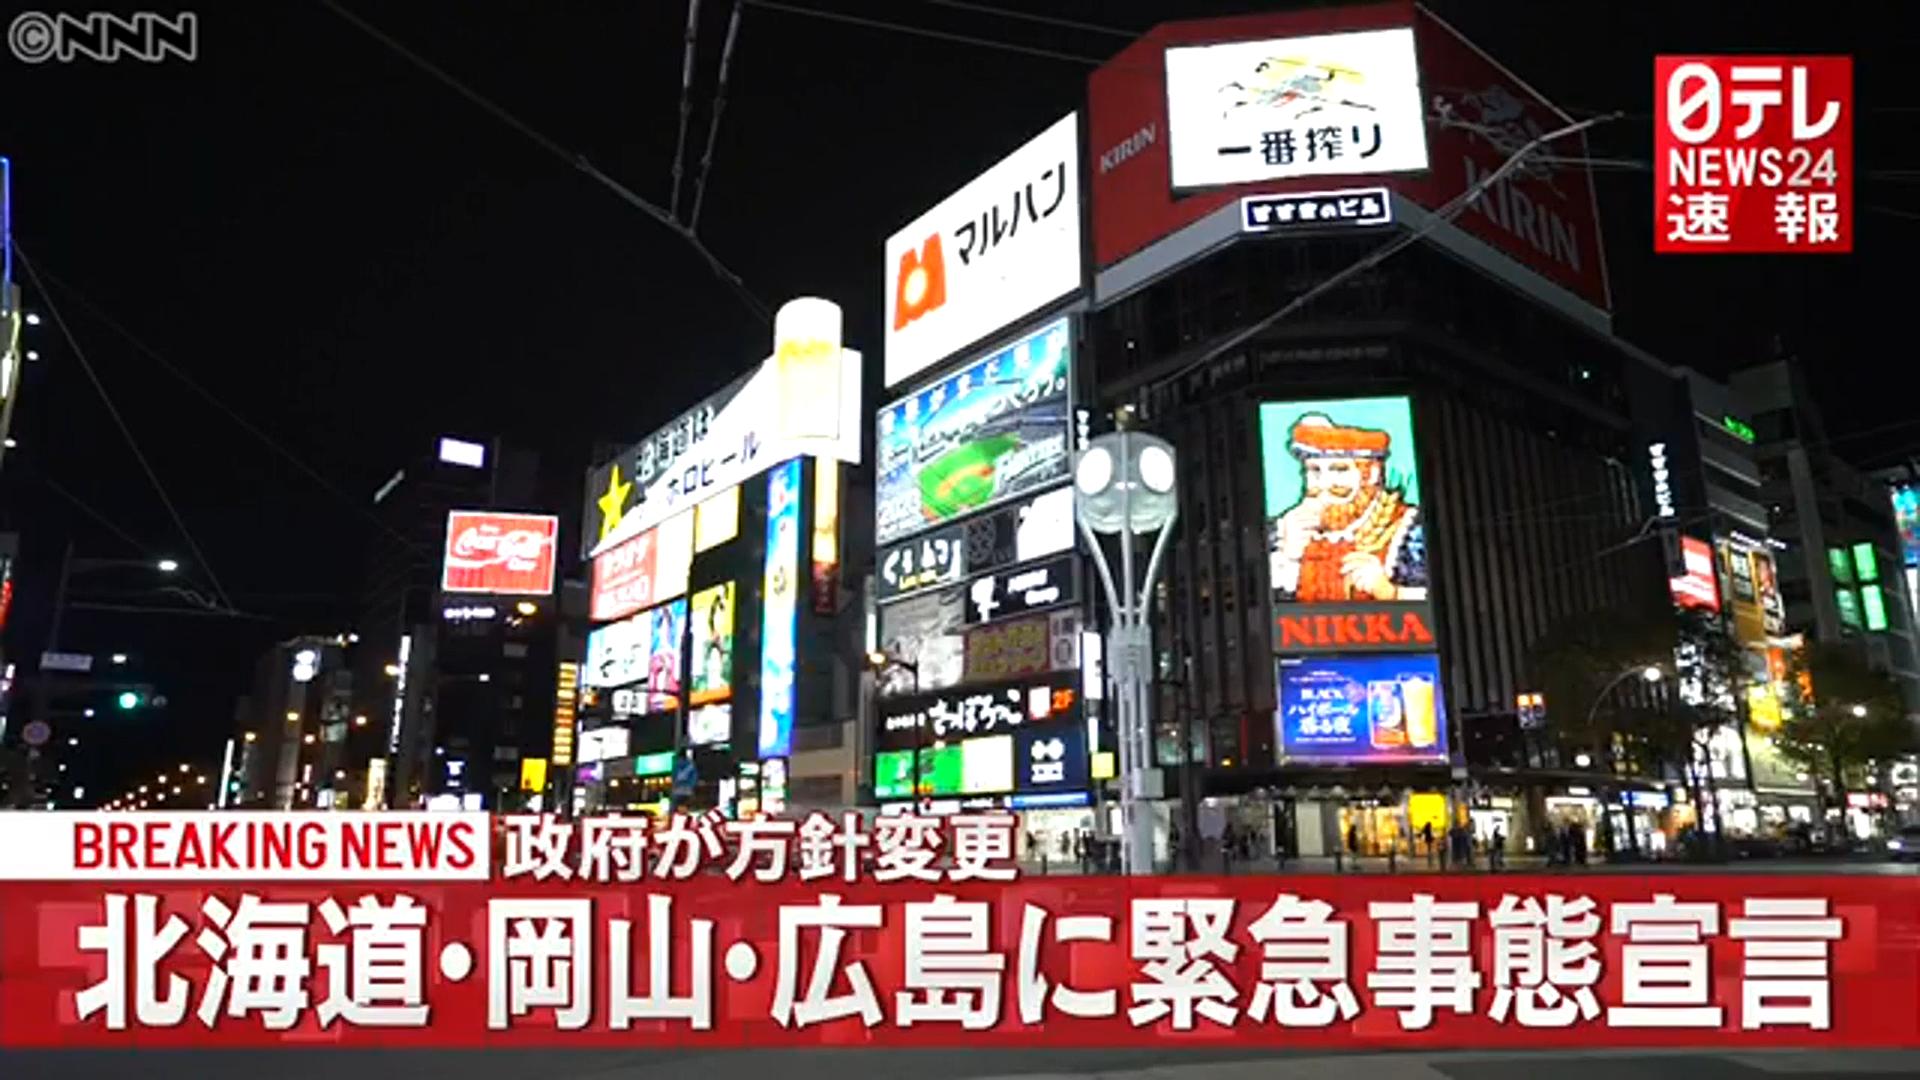 【速報】北海道・岡山・広島に緊急事態宣言を発出